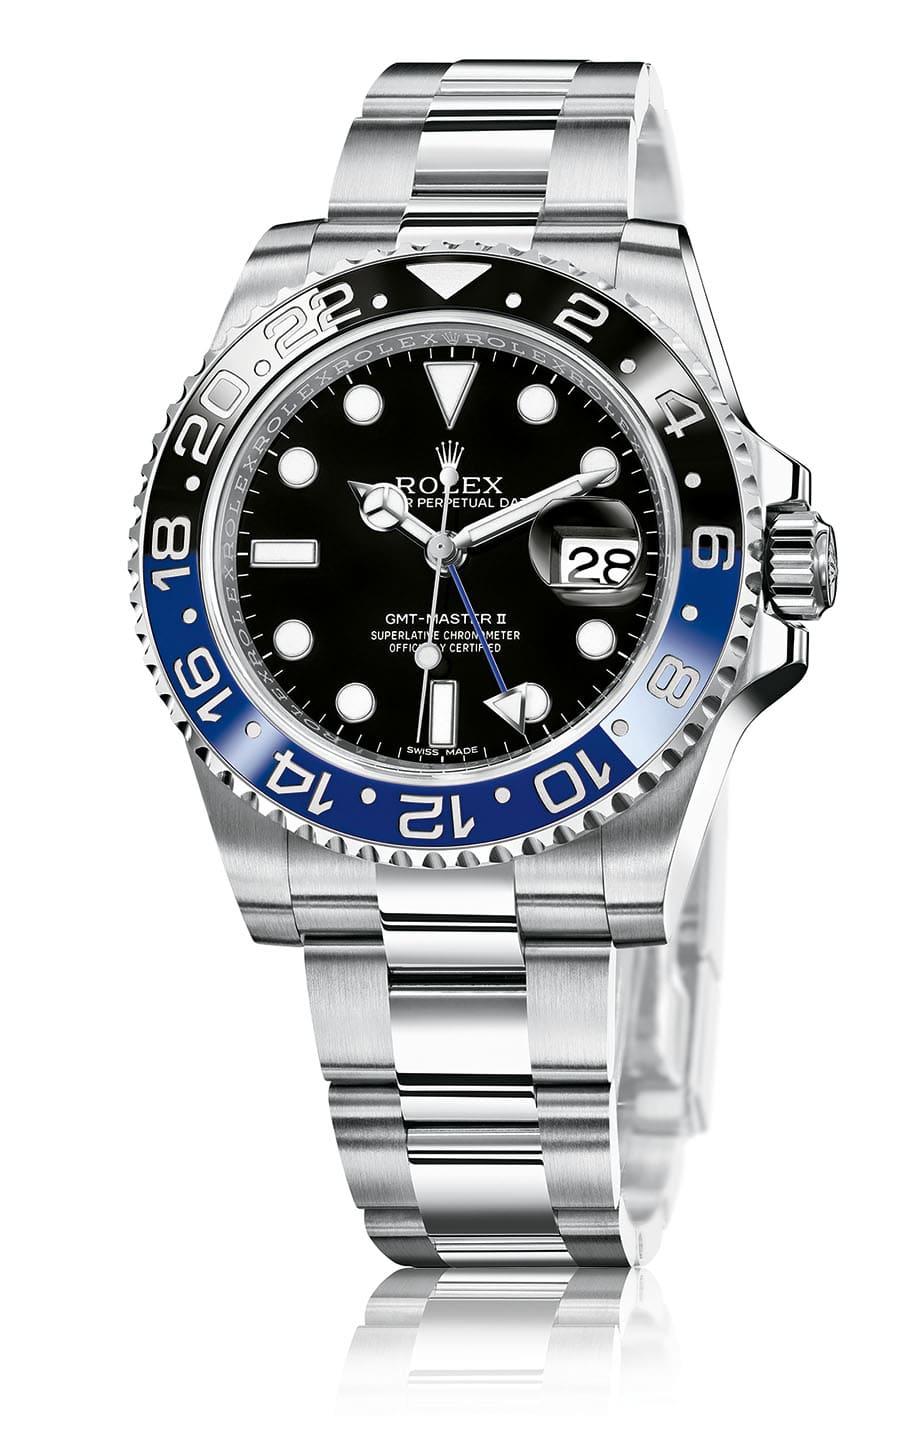 Die neue GMT-Master II von Rolex